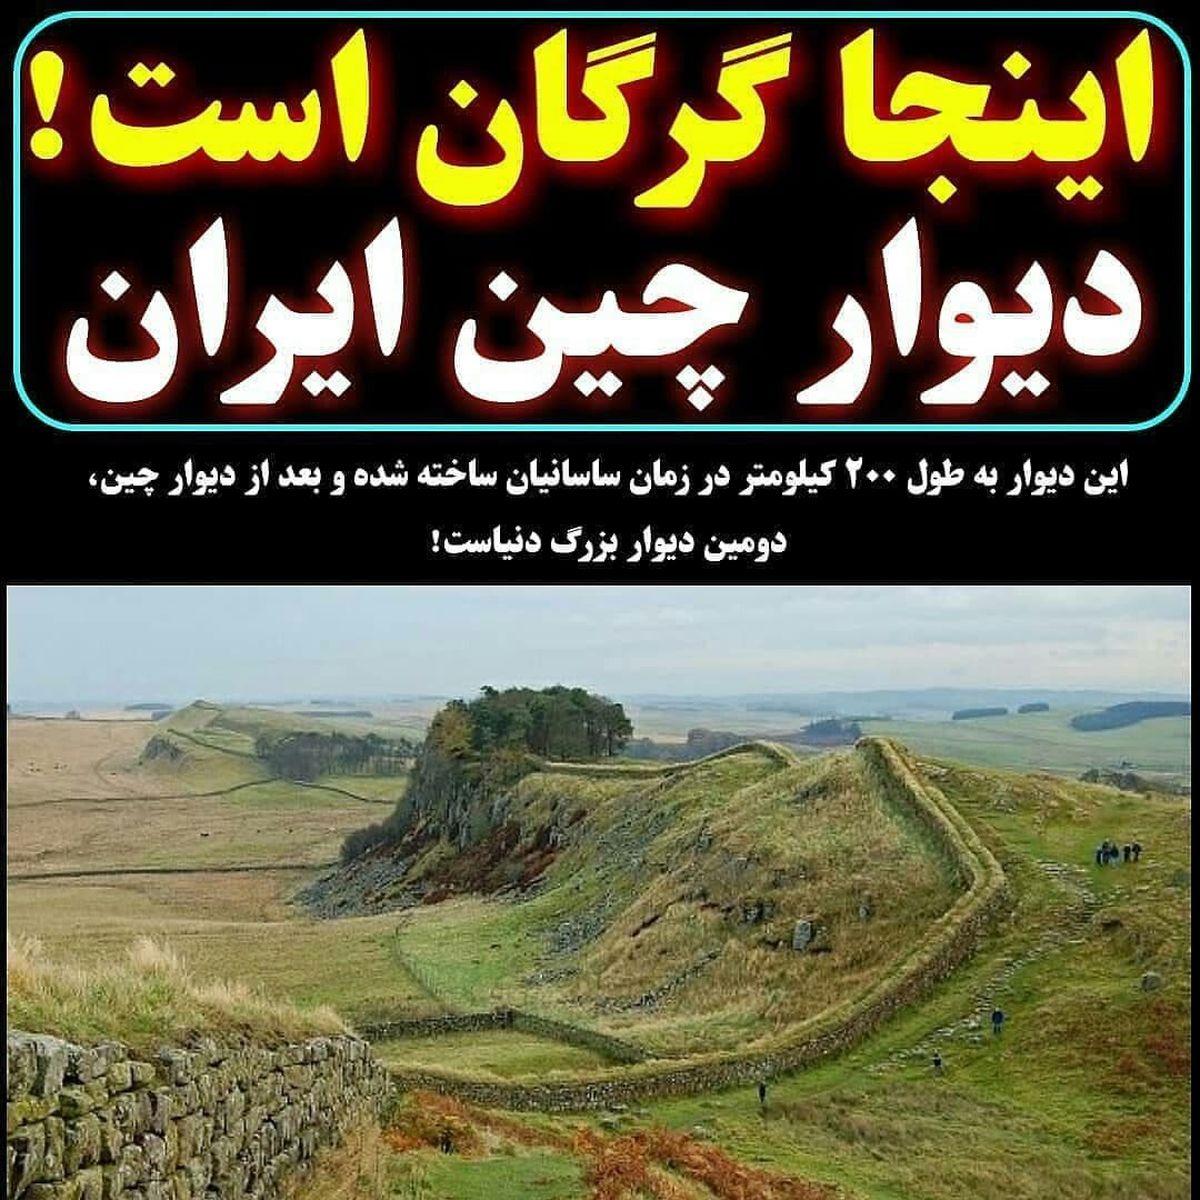 دیوار بزرگ و زیبای چین در ایران +عکس